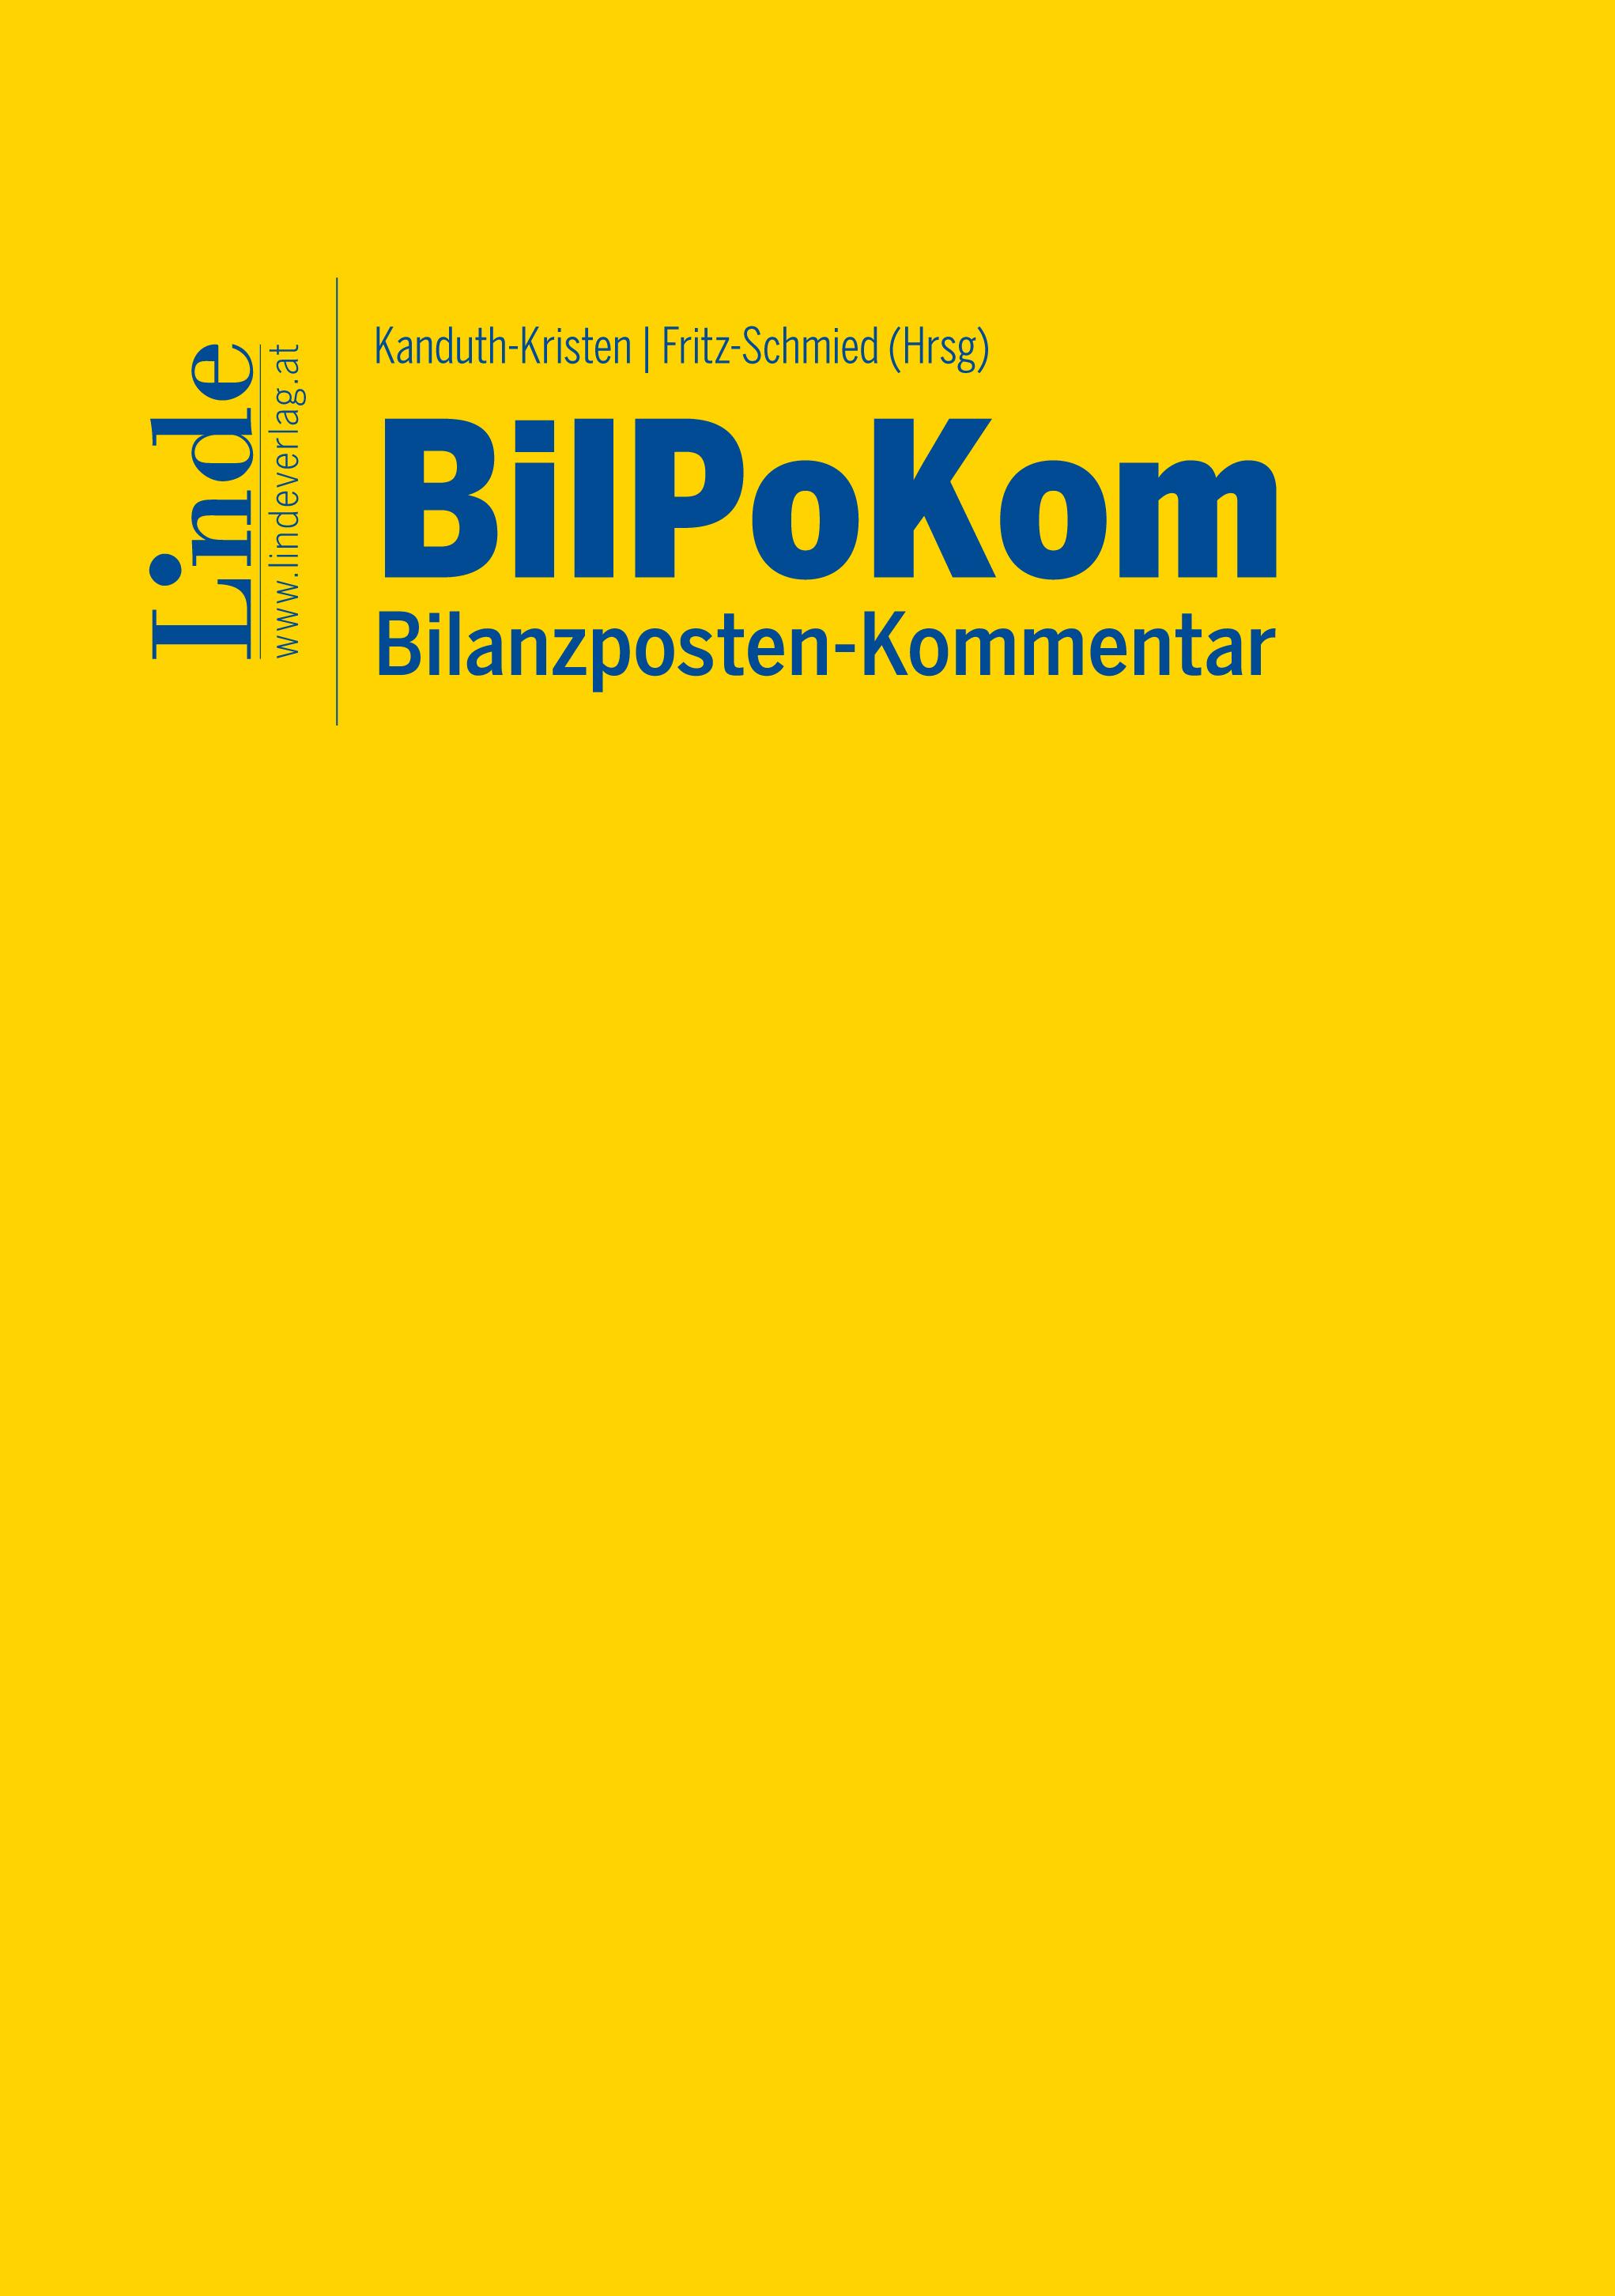 Bilanzposten-Kommentar | Linde Verlag